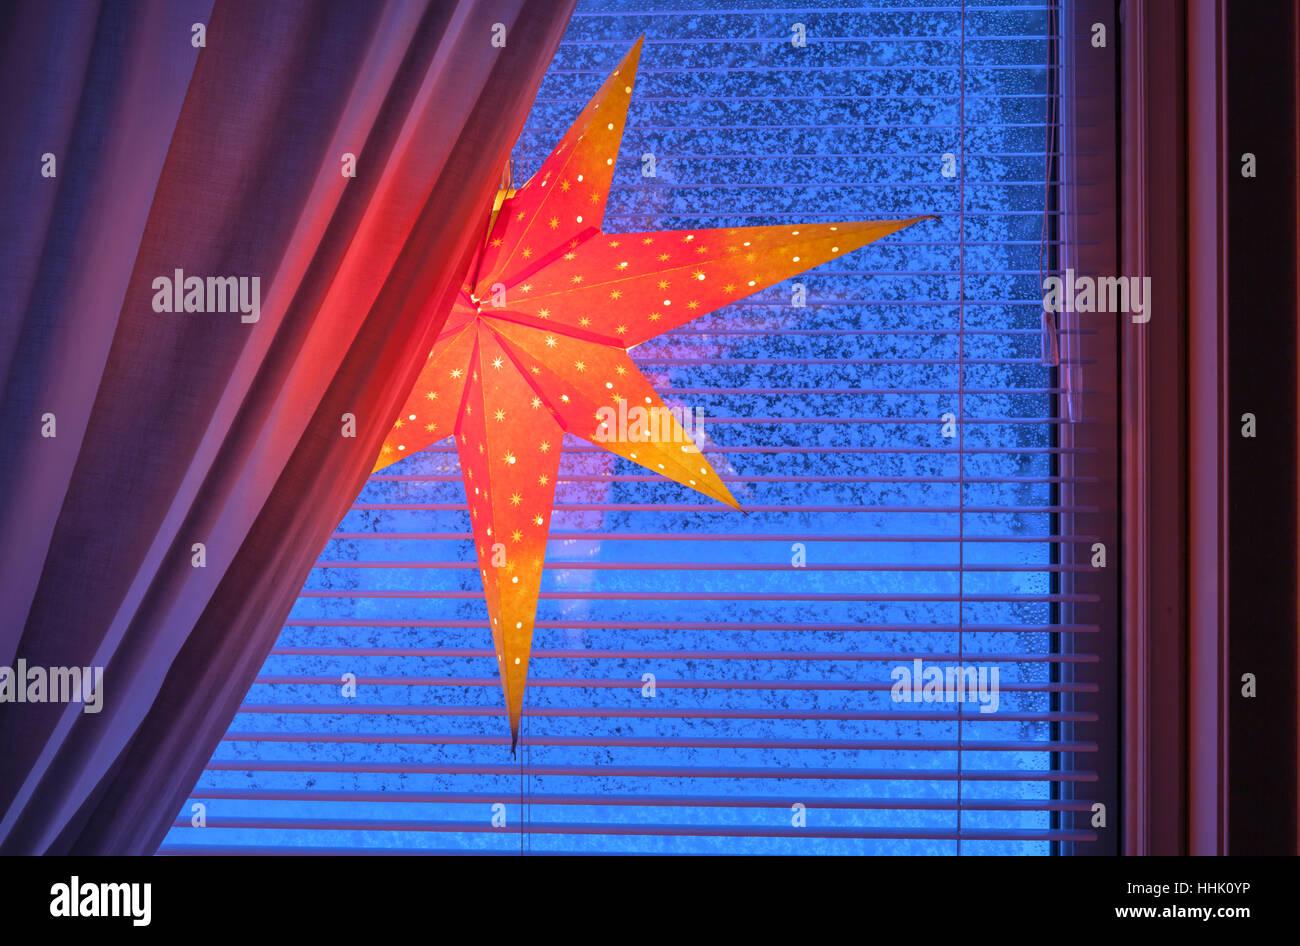 Weihnachtsbeleuchtung Dachfenster.Ein Adventsstern Weihnachtsbeleuchtung In Einem Fenster